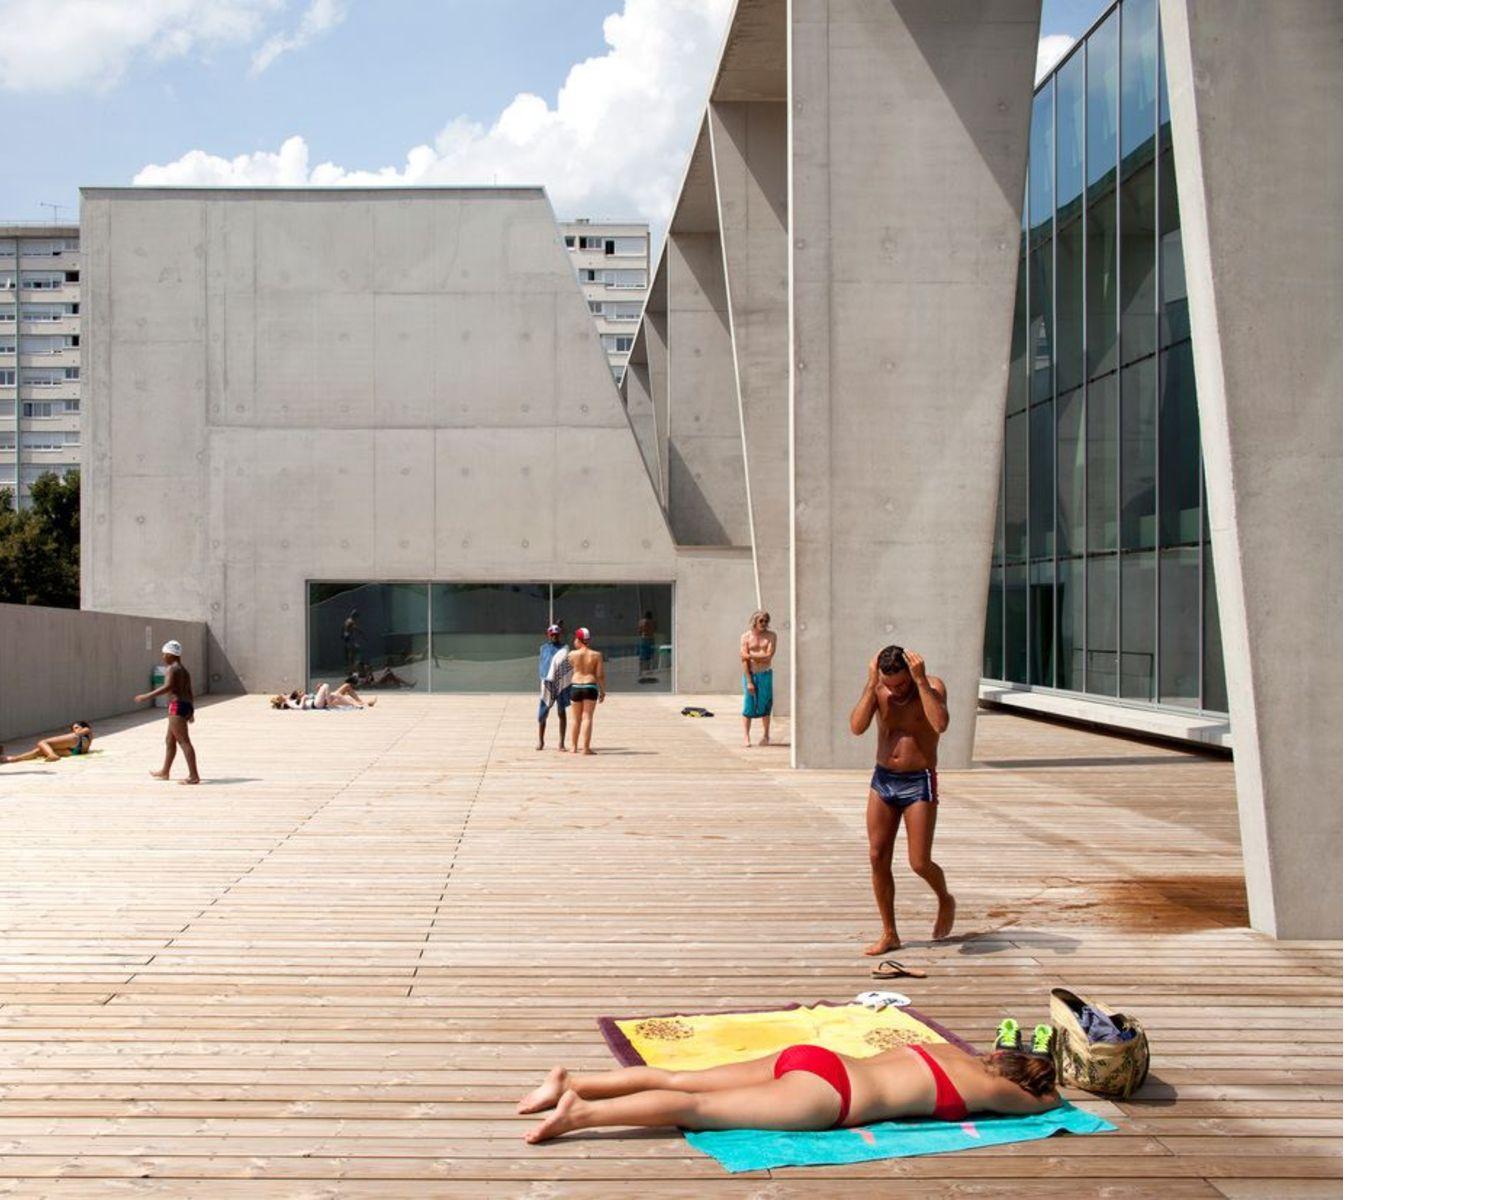 Dominique Coulon ristruttura la piscina comunale a Bagneux Parigi